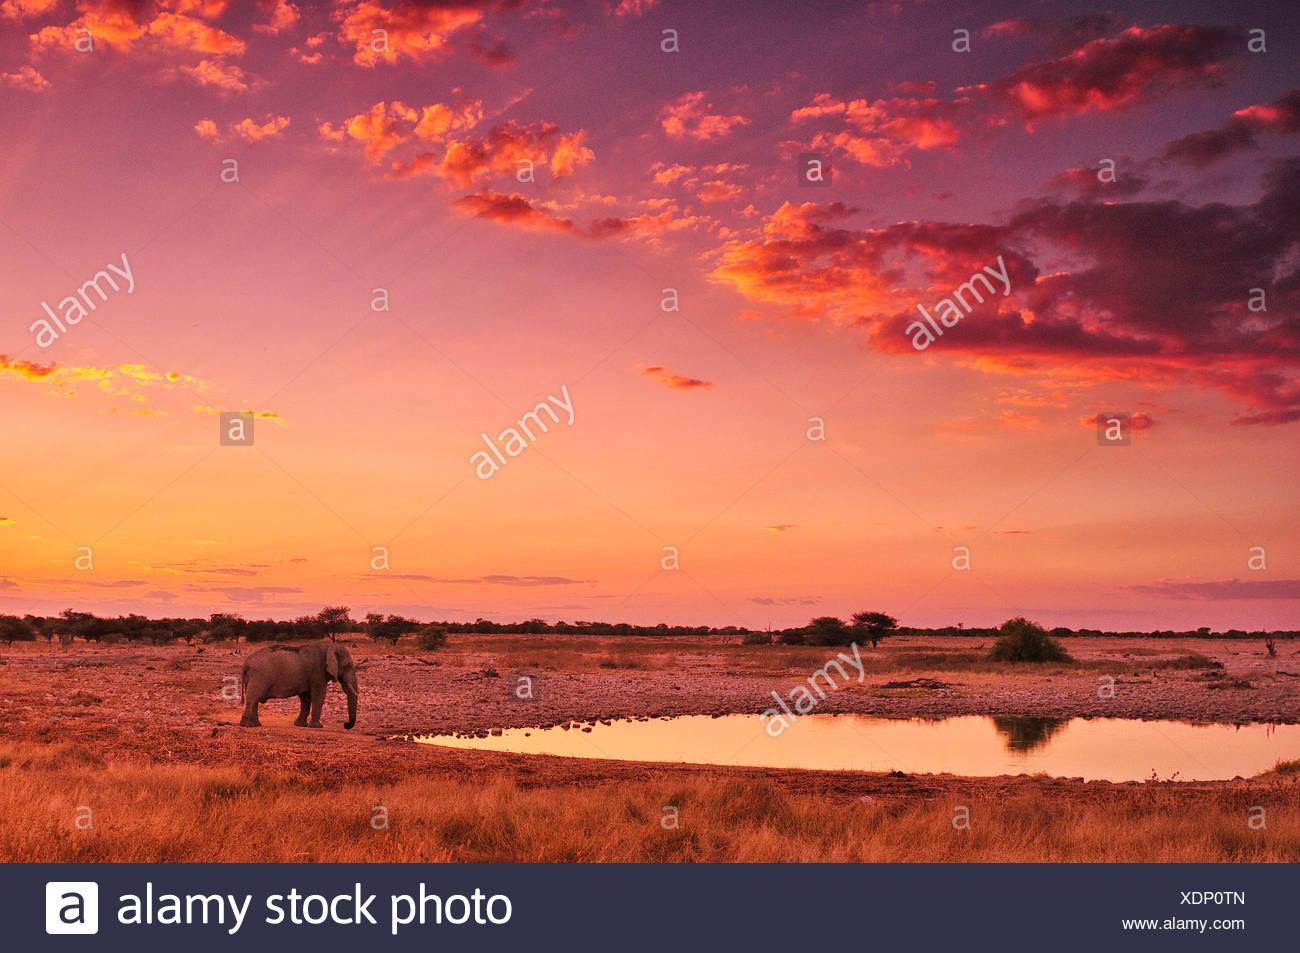 Africa, Namibia, Etosha, National Park, sunset, elephant, animal, waterhole, safari, animal, wildlife, red, Loxodonta african, a - Stock Image